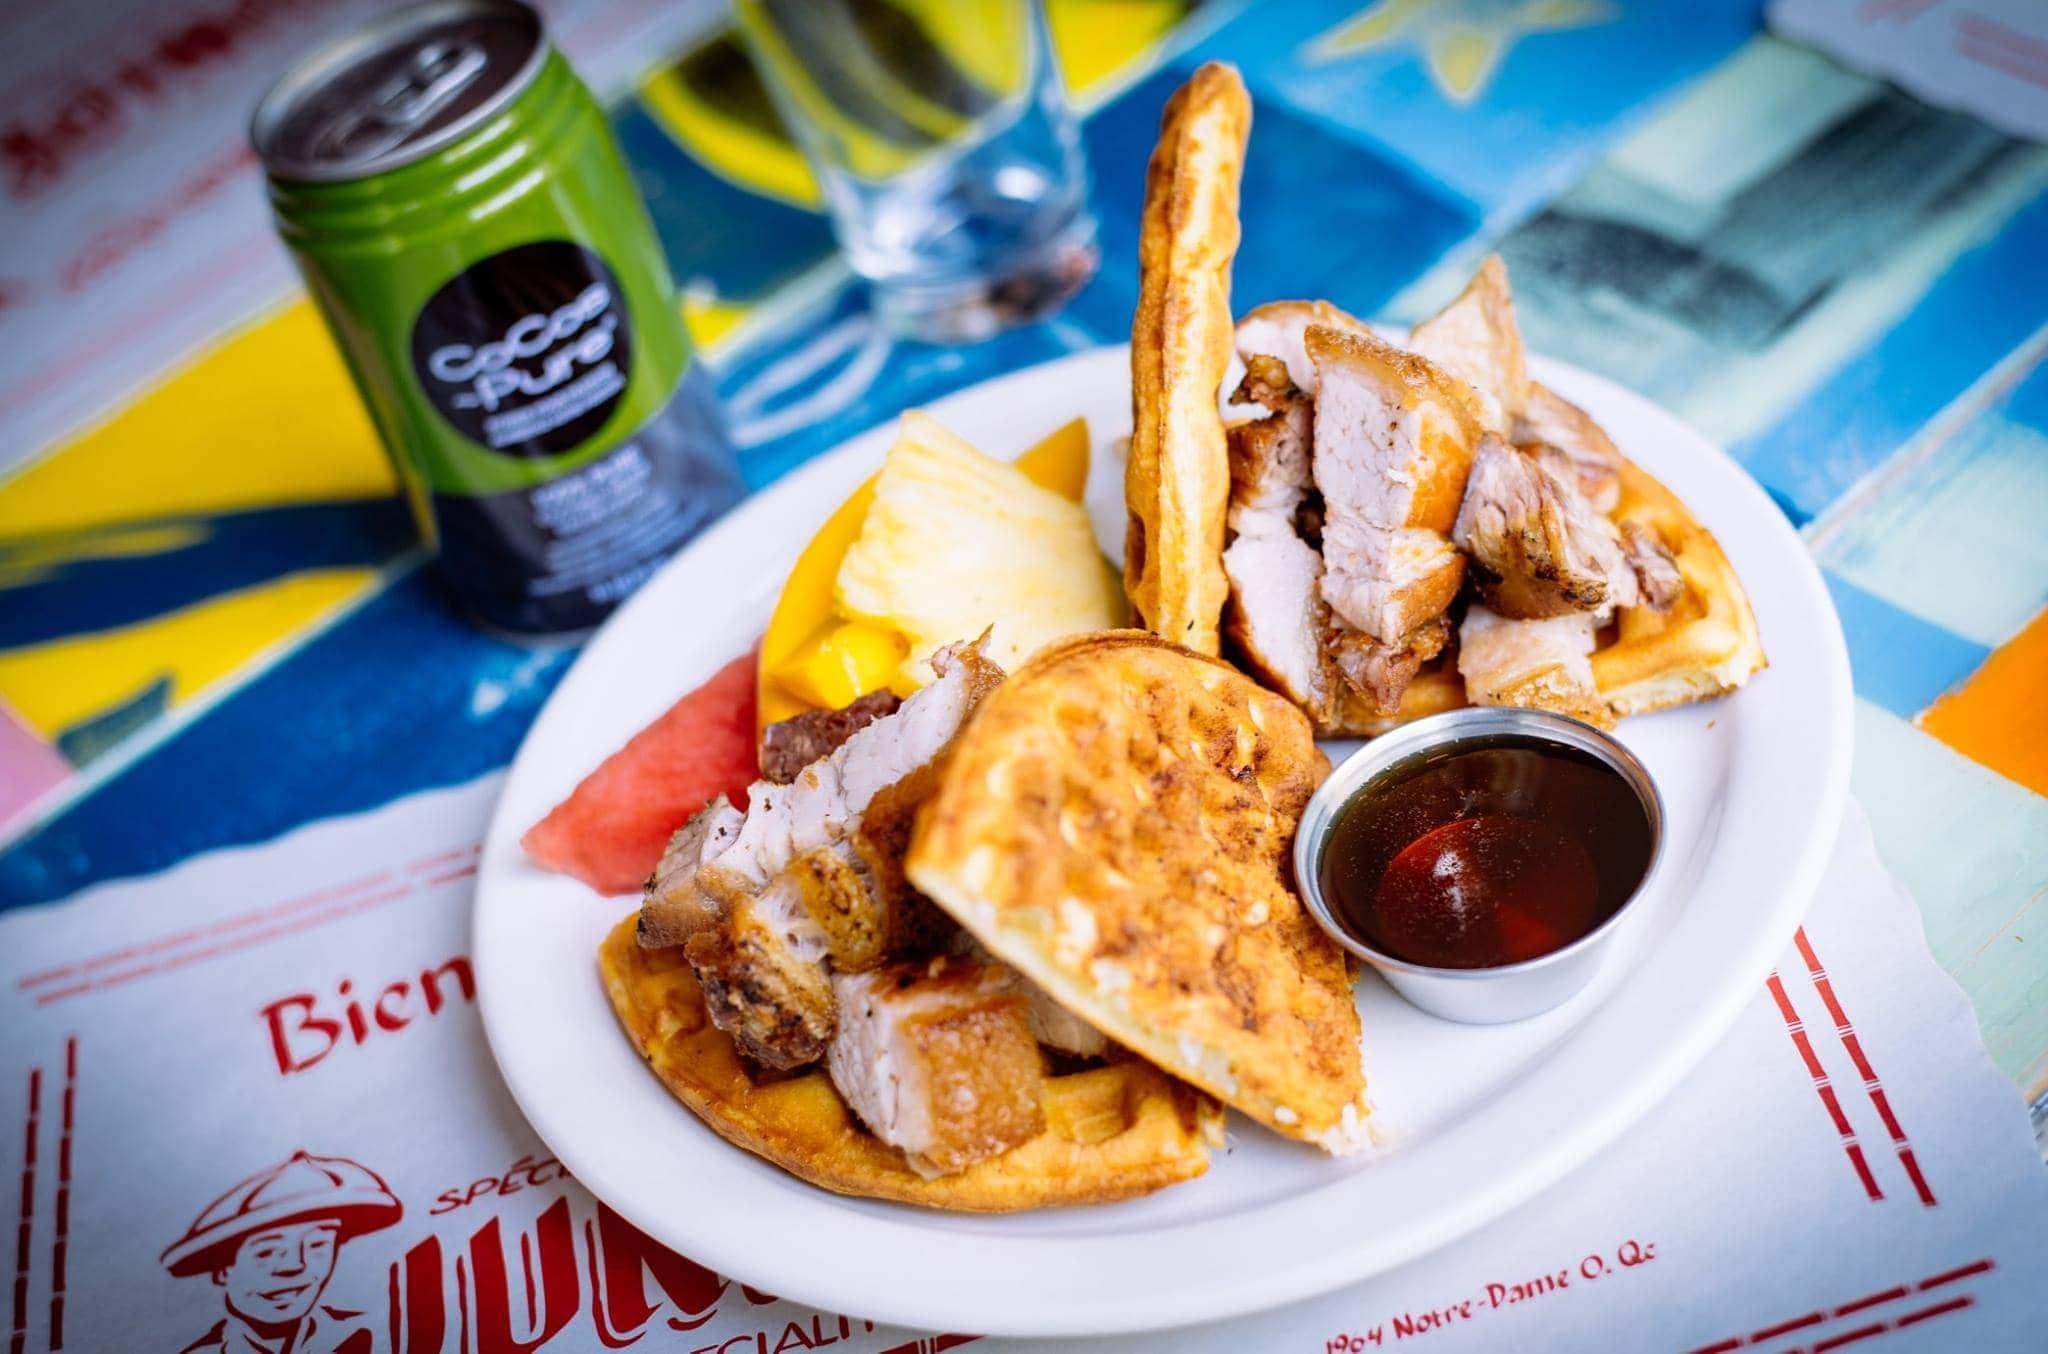 restaurant-philippin-junior-notre-dame-ouest-4